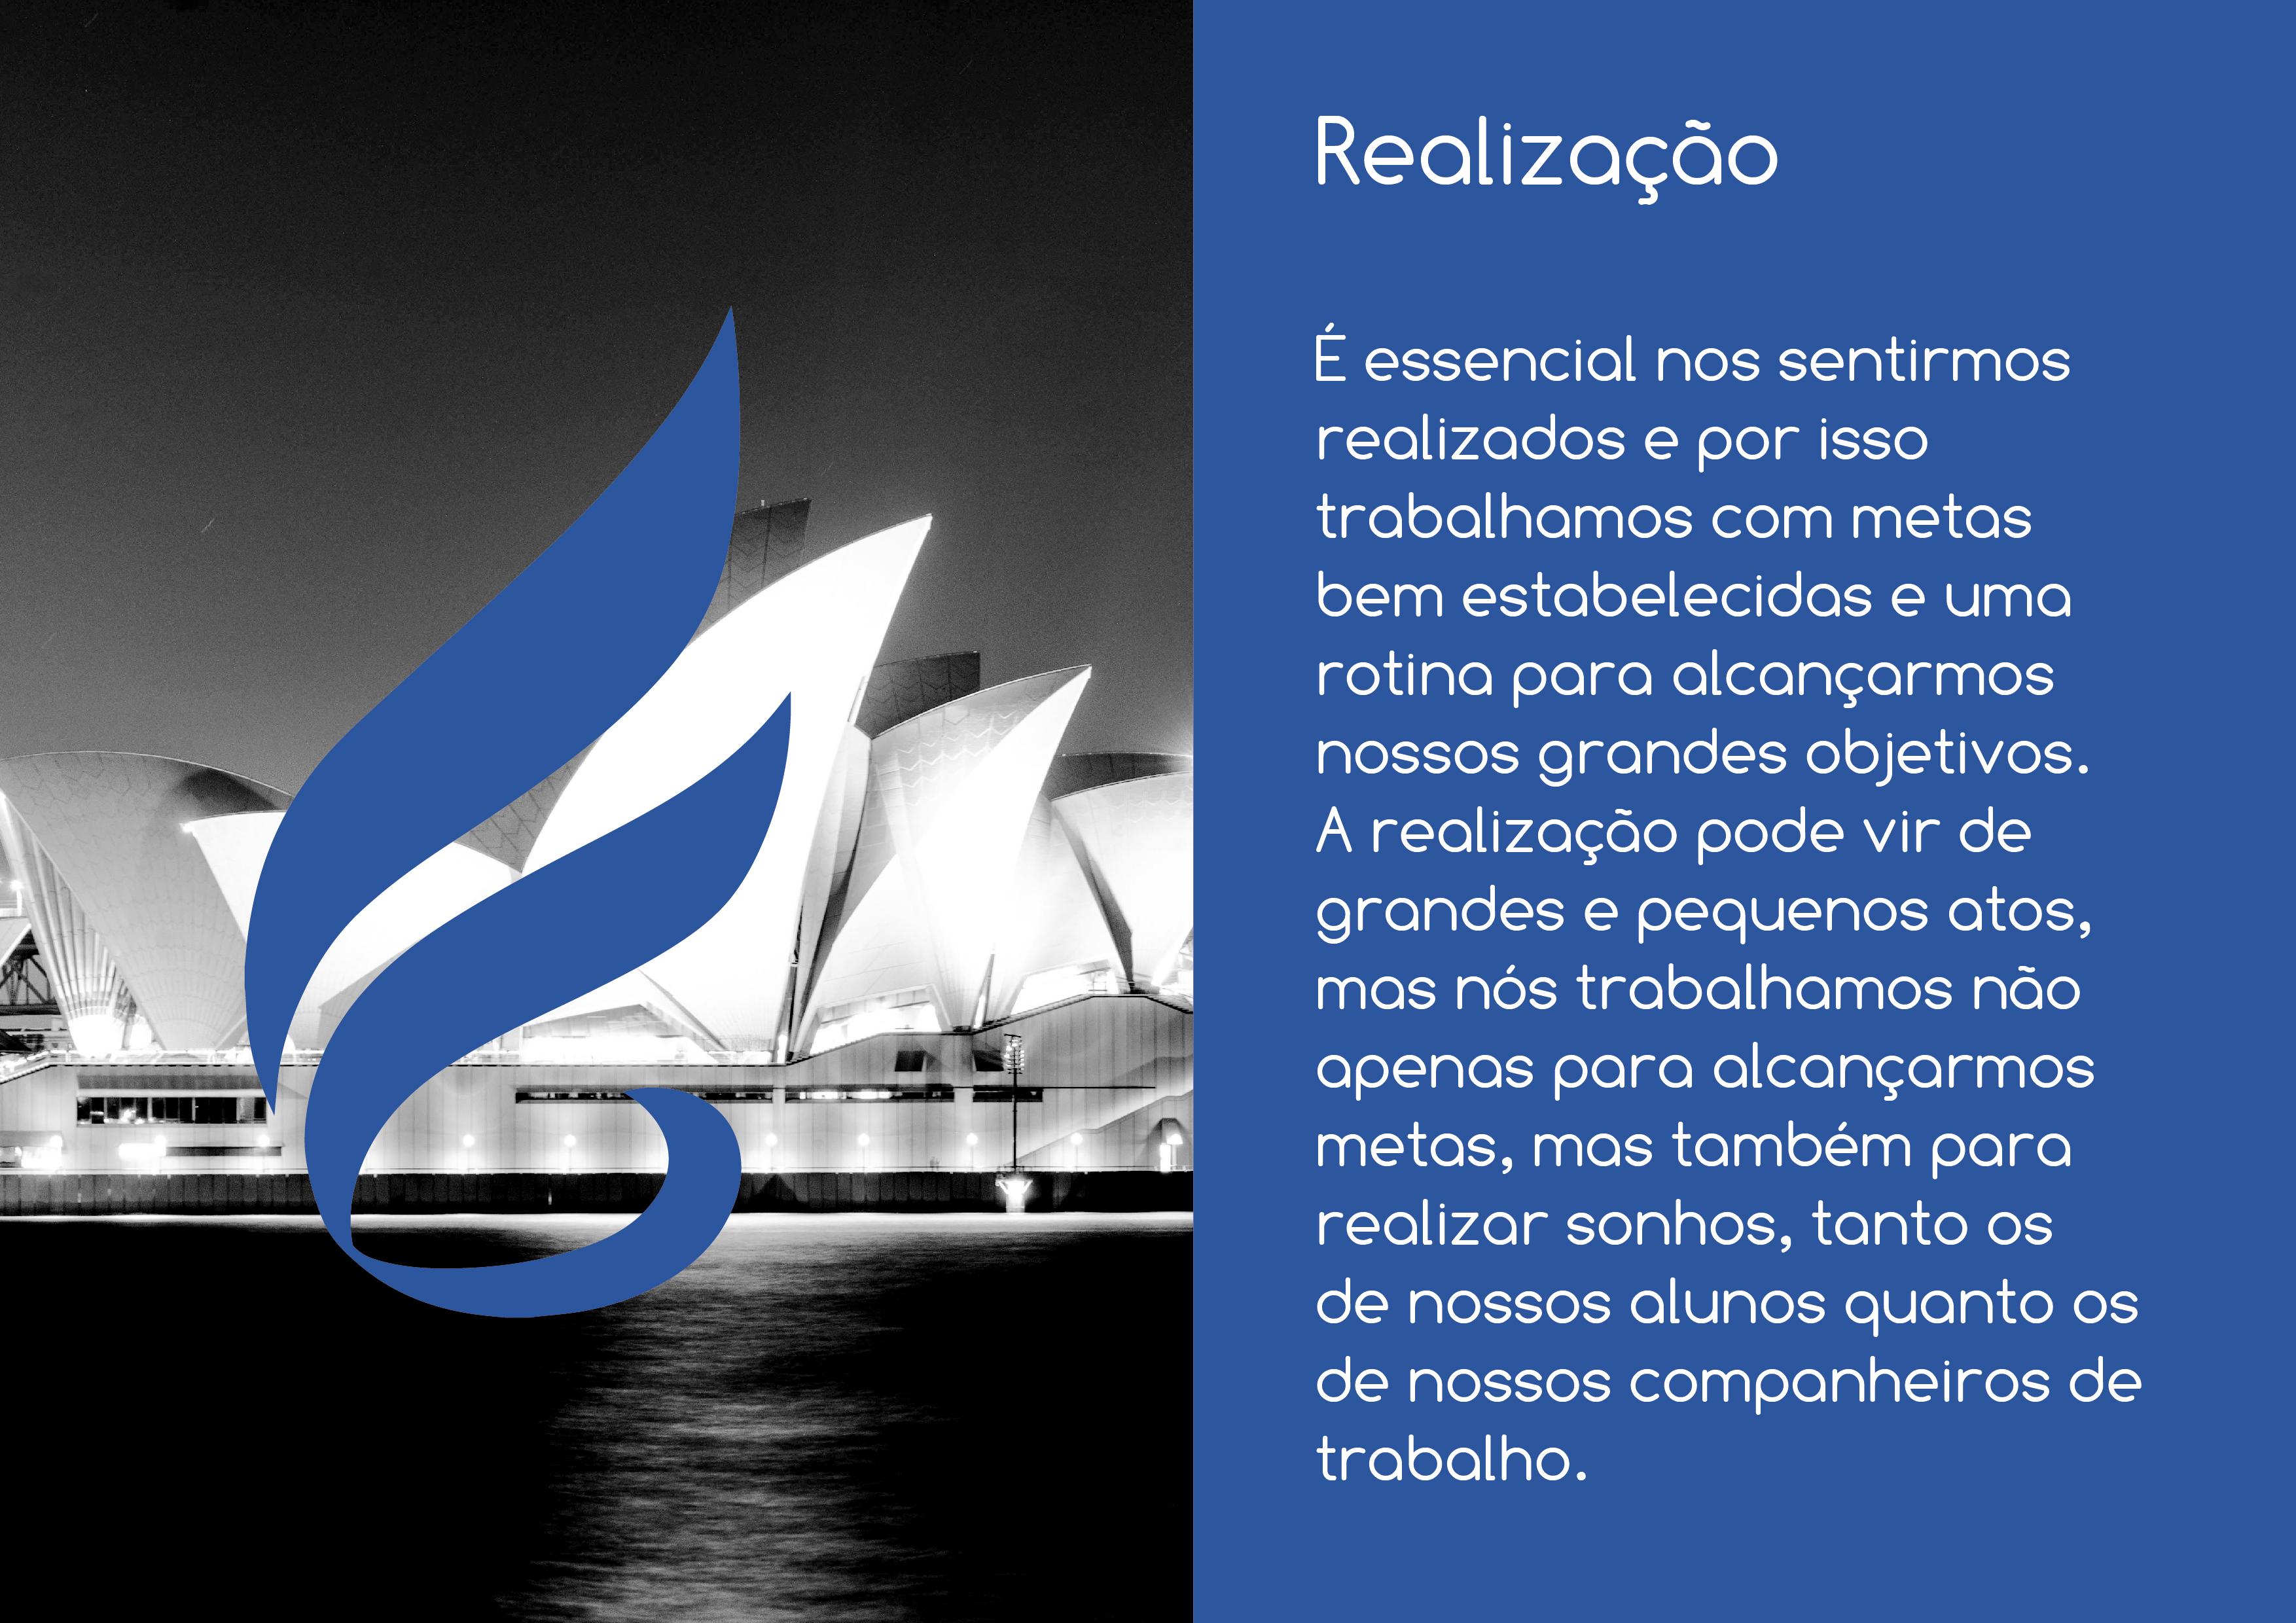 3 - Realização-01